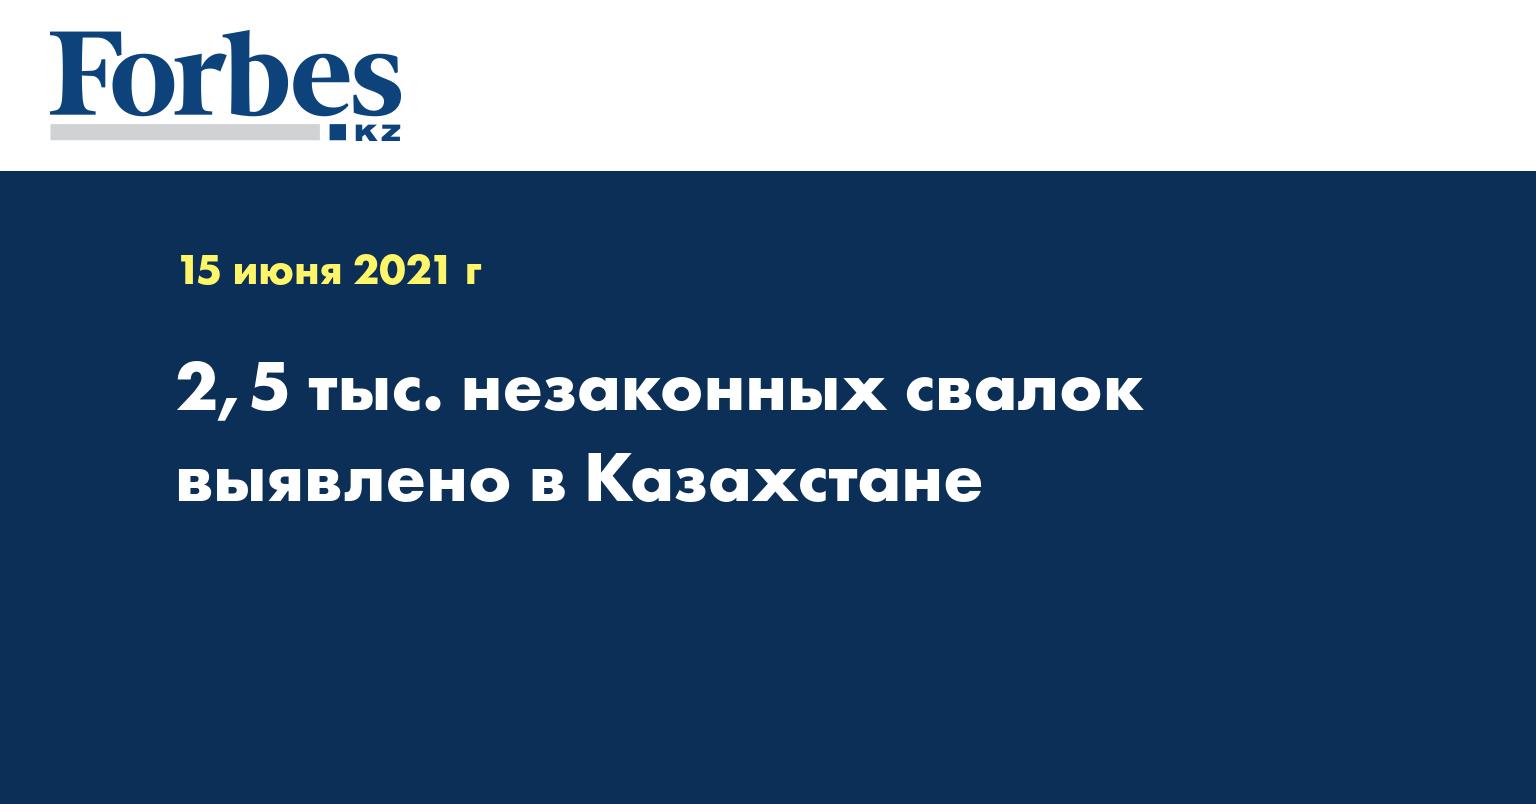 2,5 тыс. незаконных свалок выявлено в Казахстане